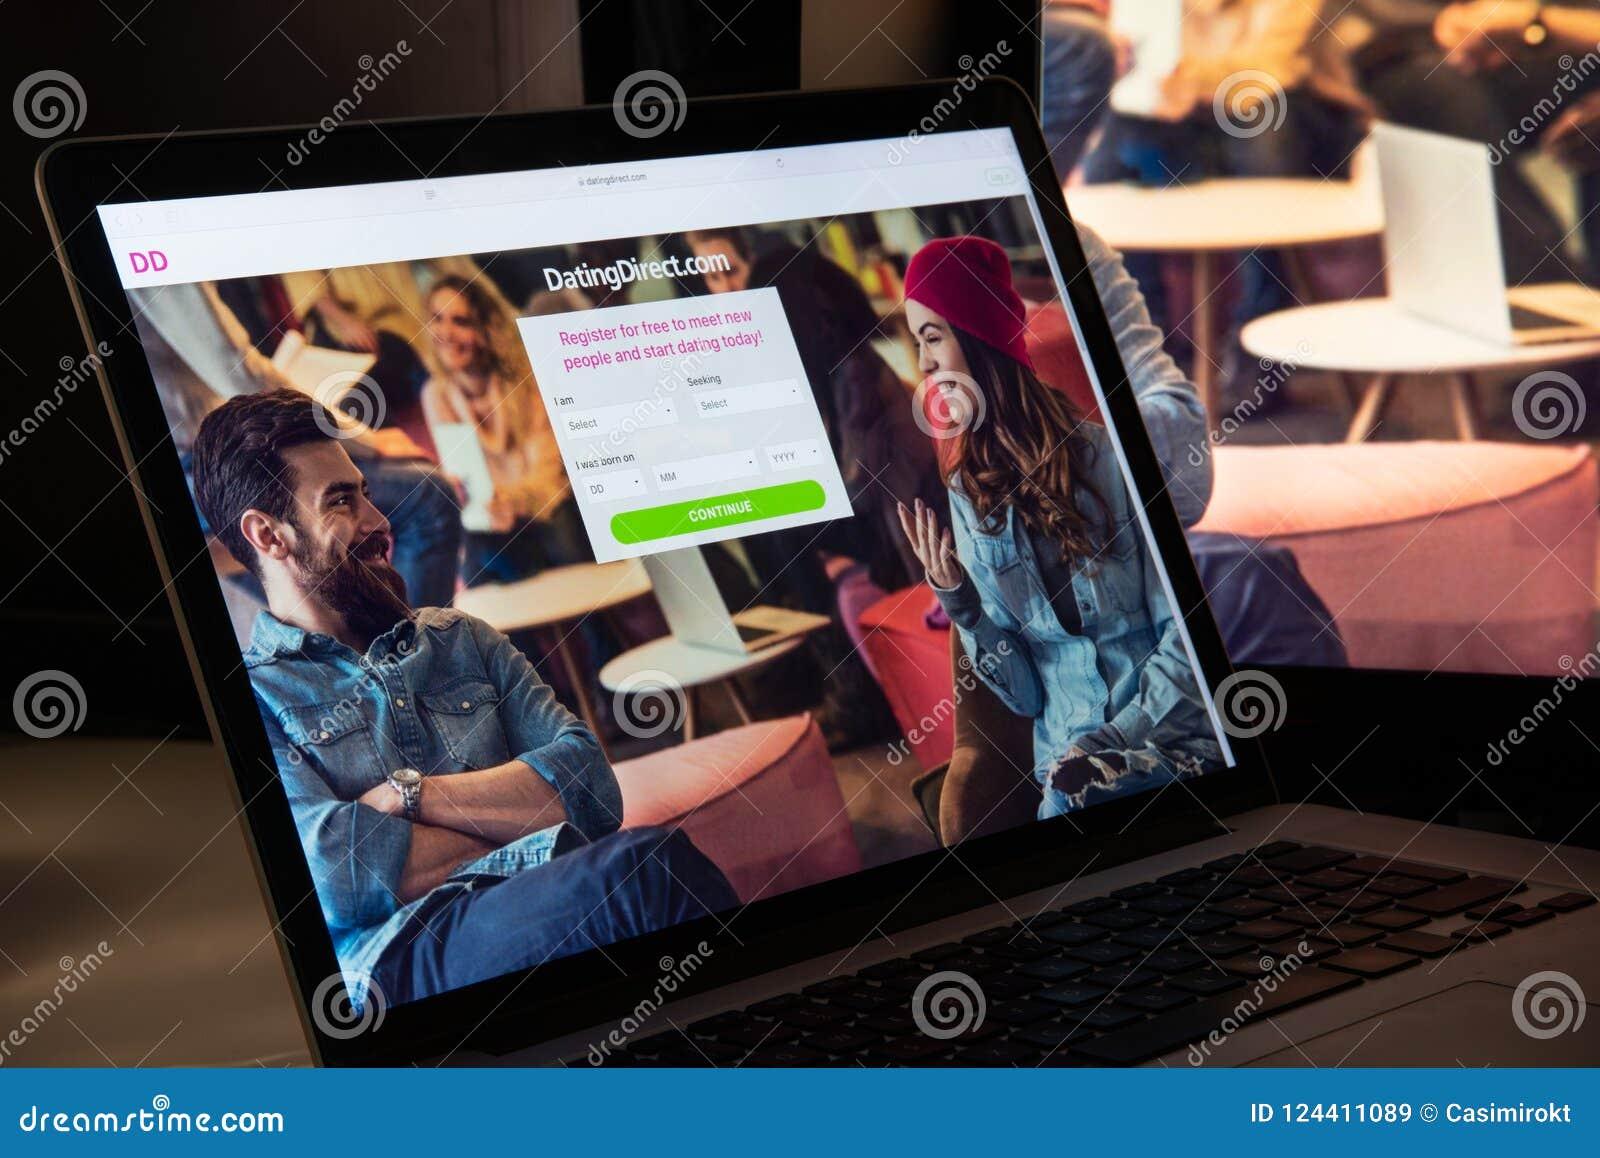 Ετικέτα dating ιστοσελίδα